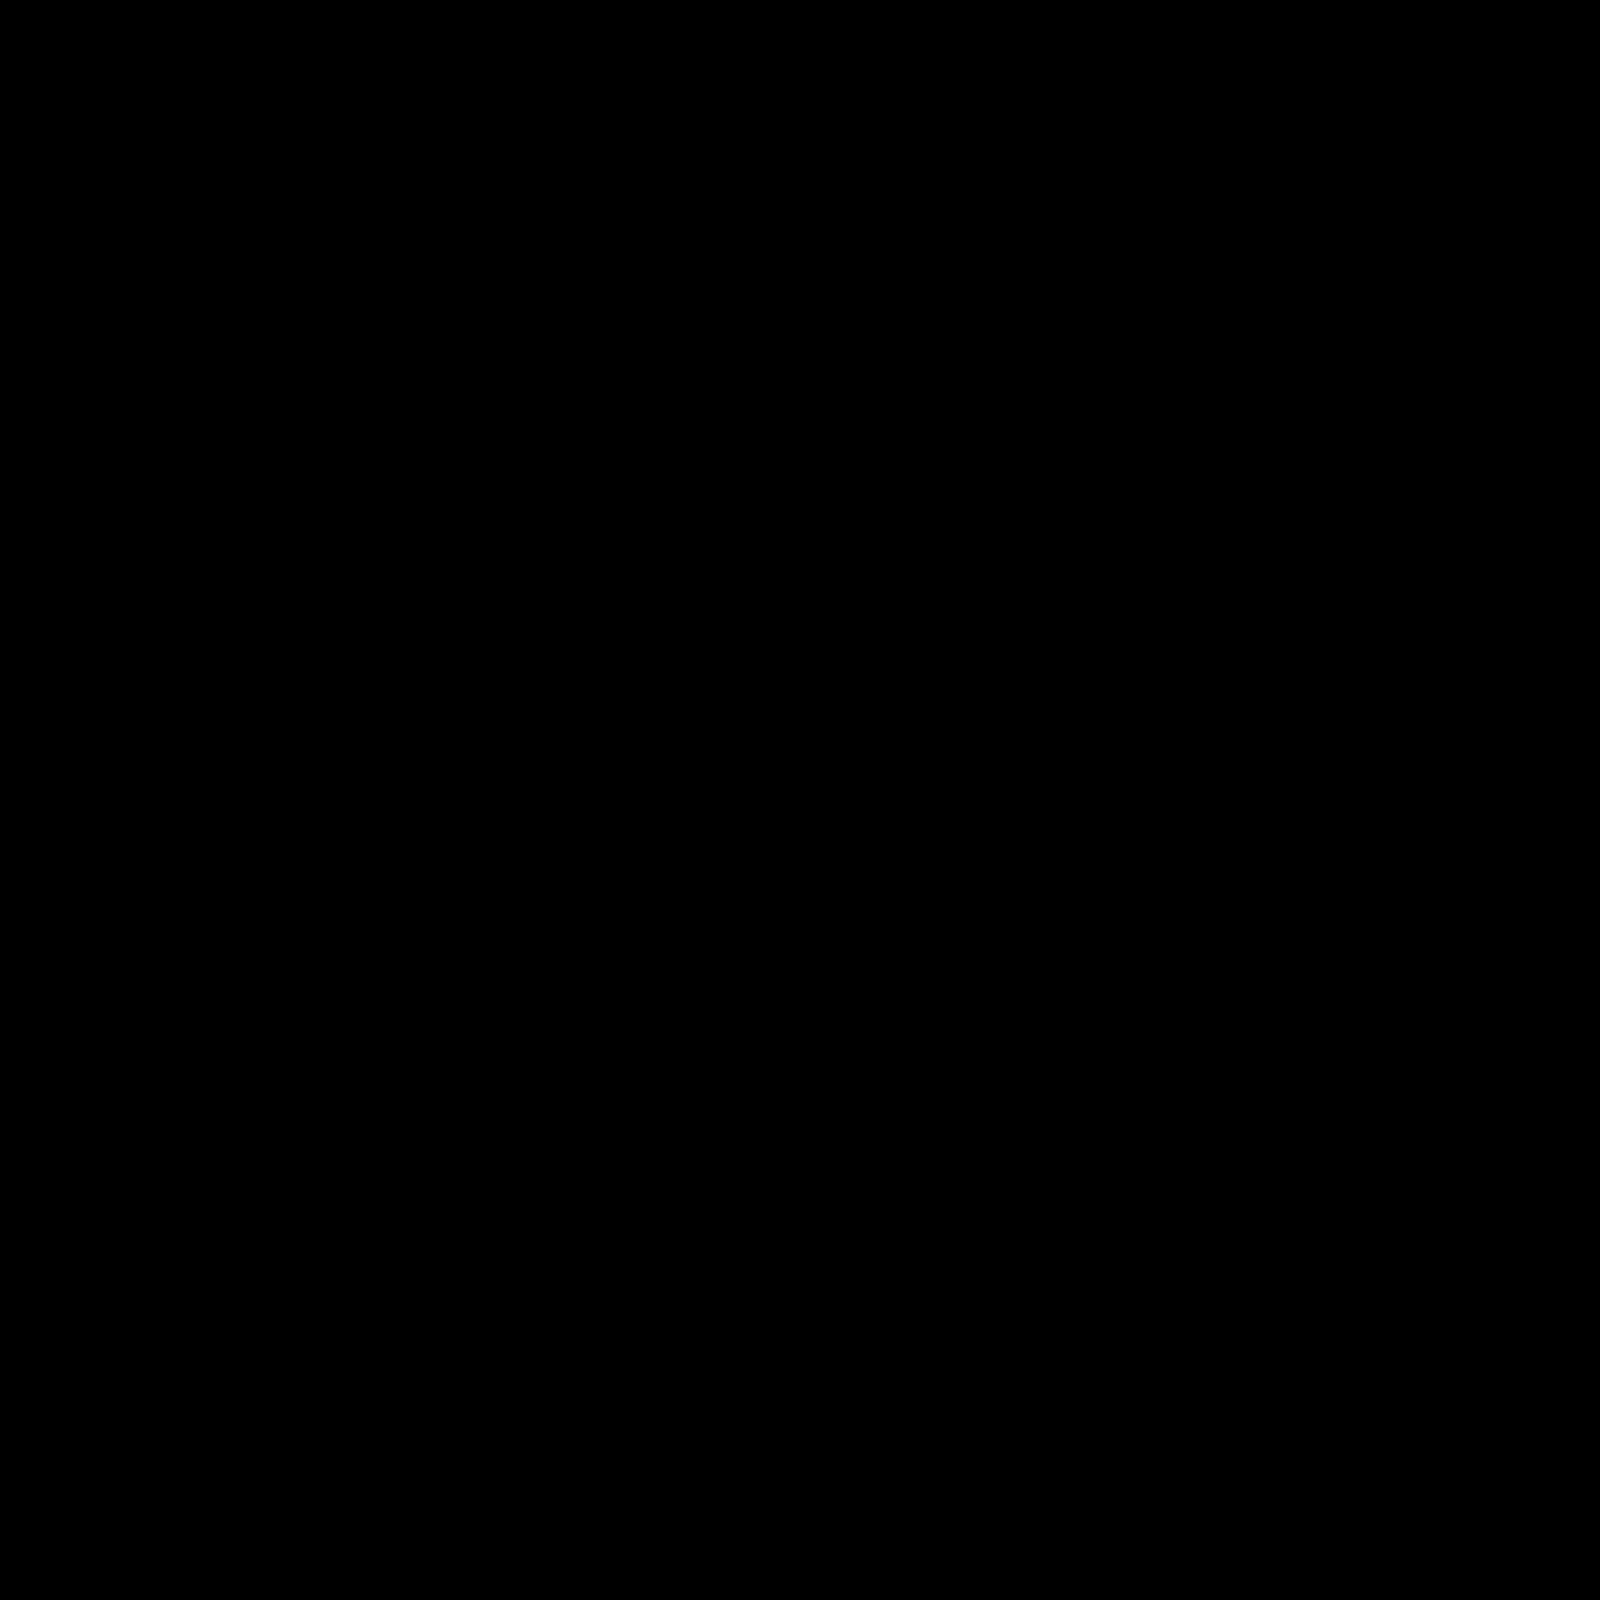 Db 2 icon